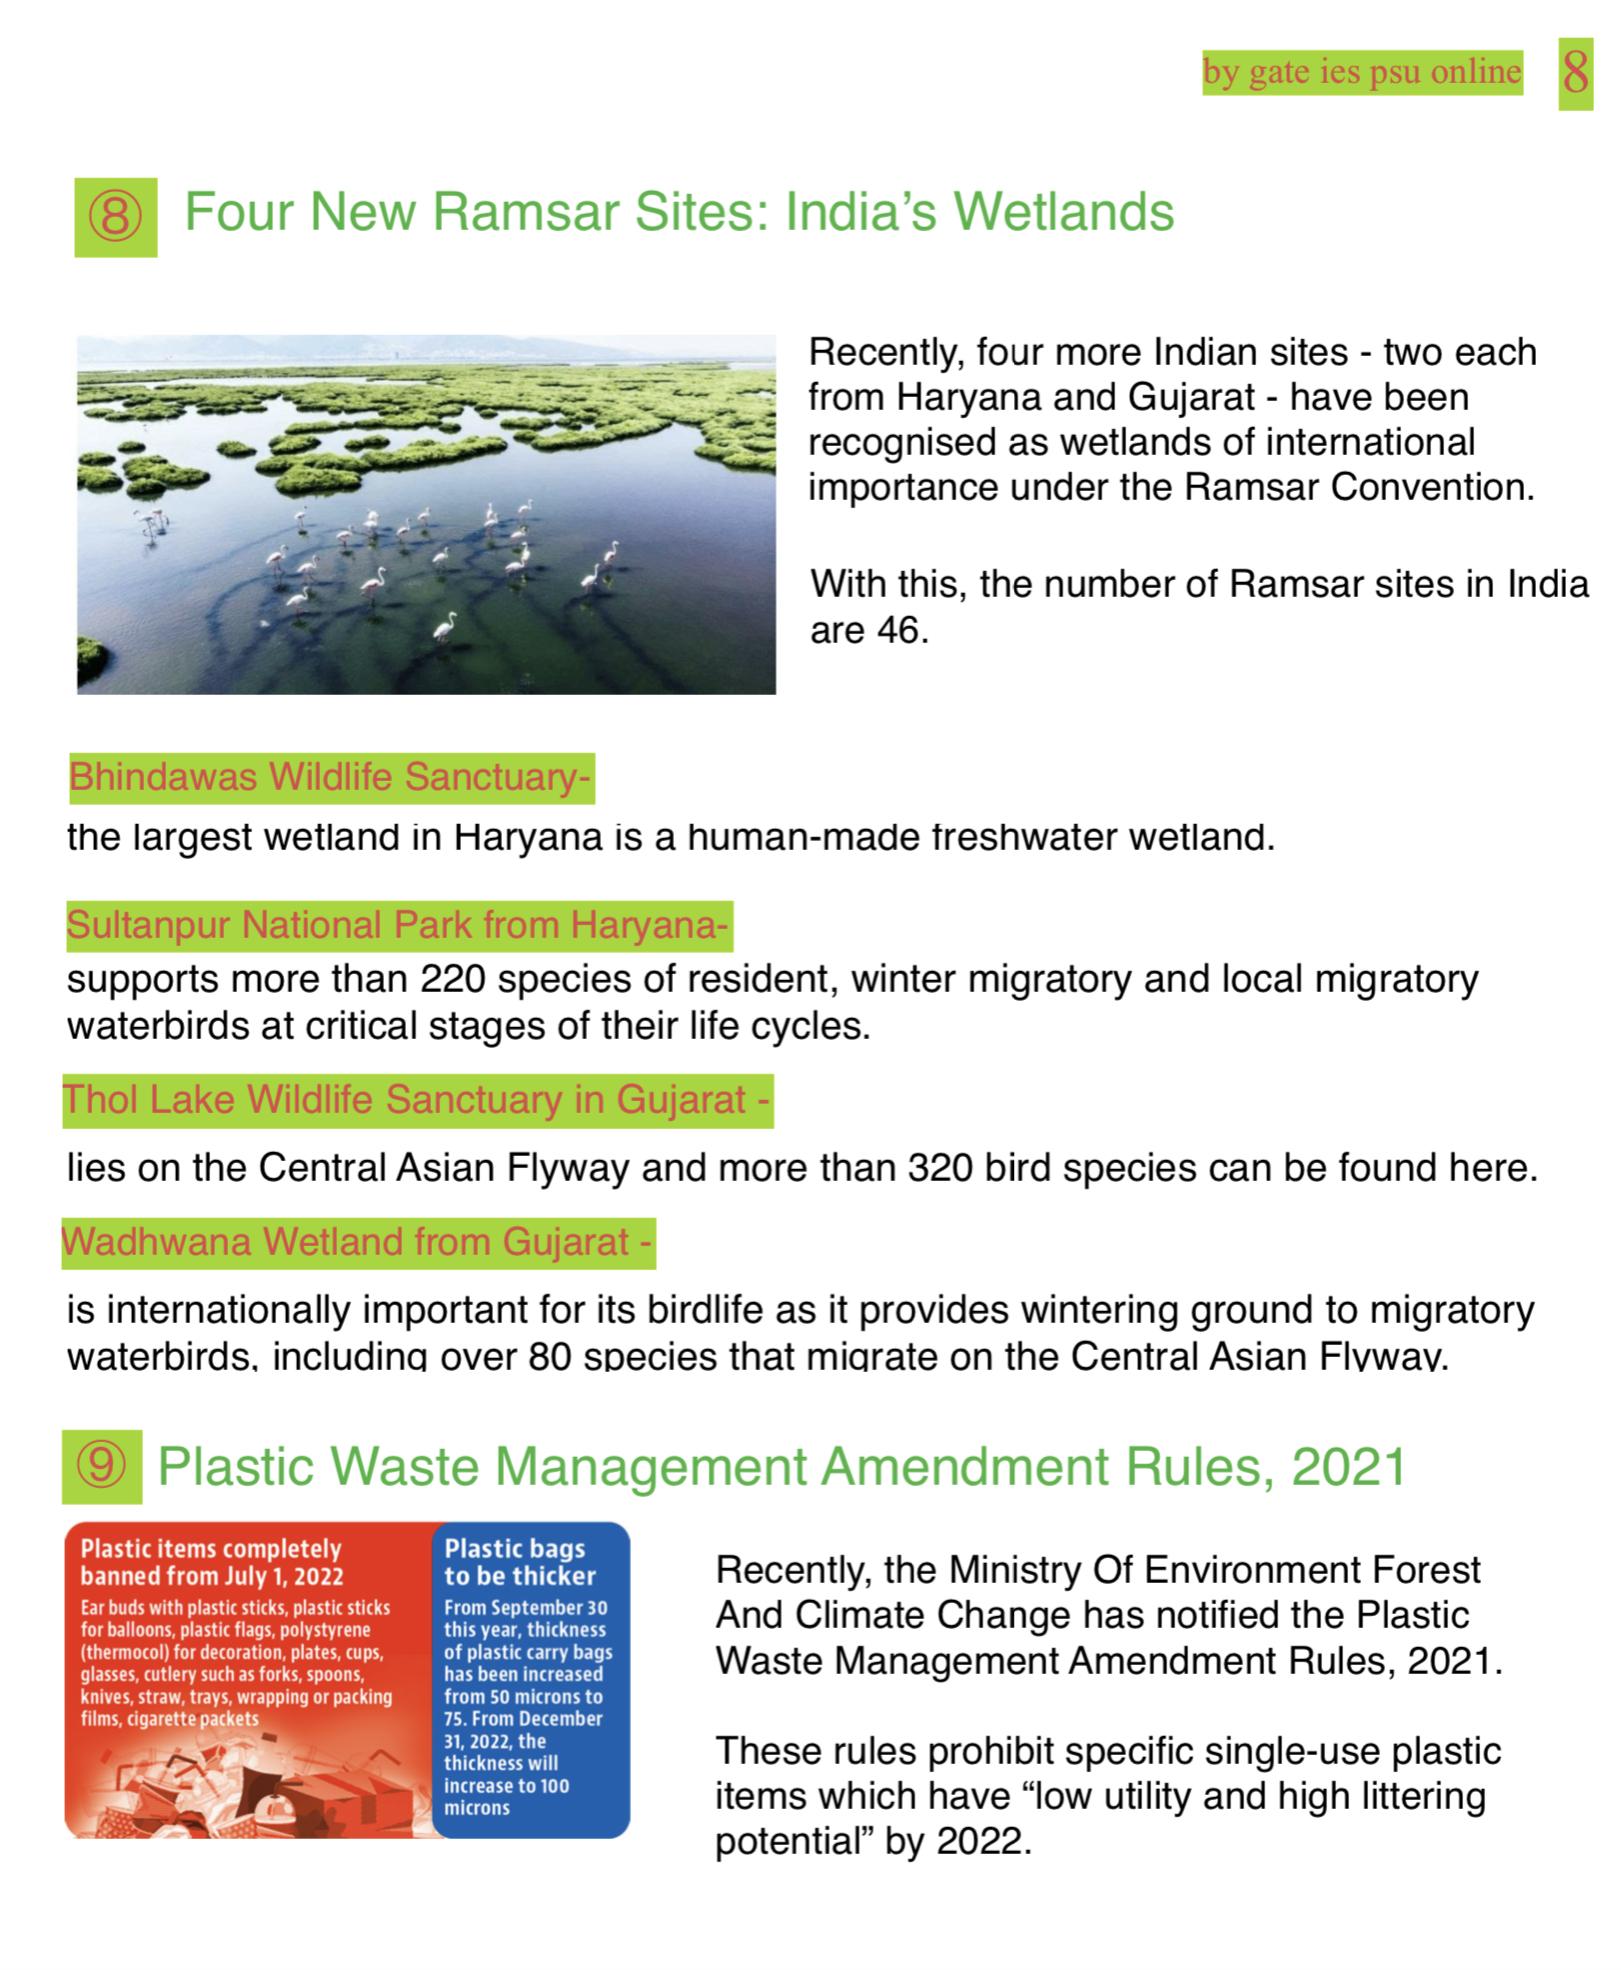 new ramsar sites india current affairs